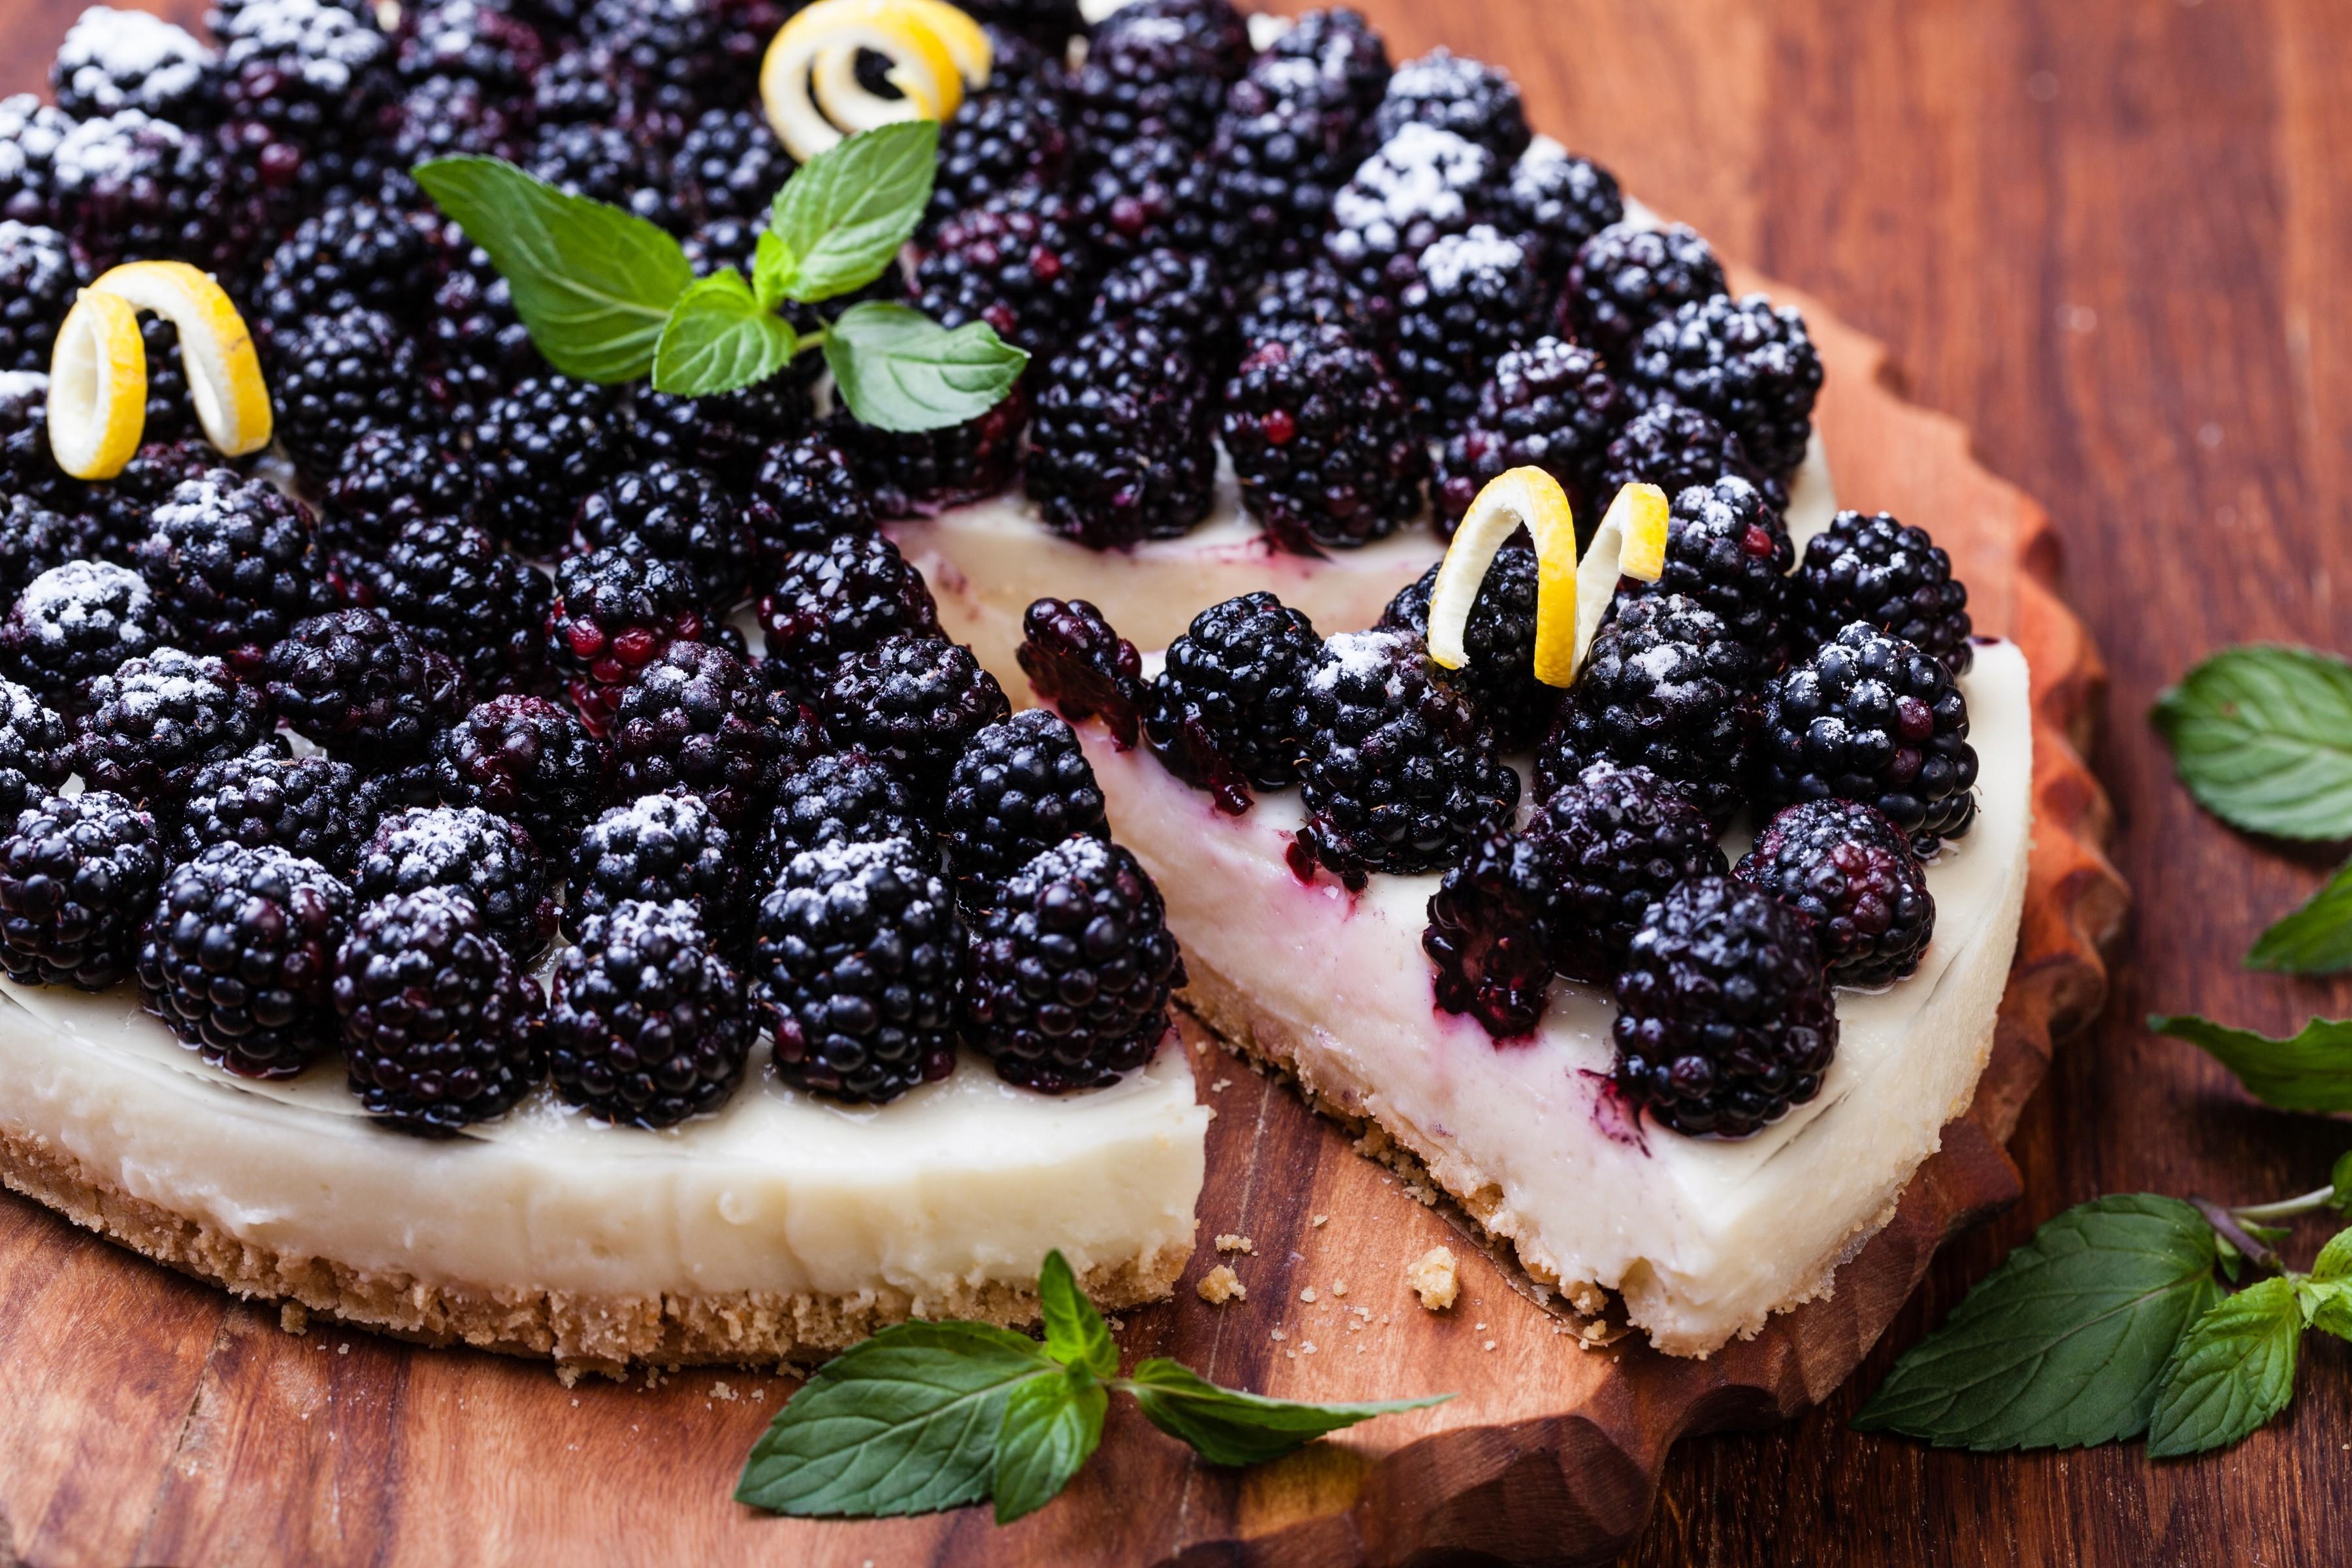 Що приготувати з ожини: ТОП-5 літніх десертів